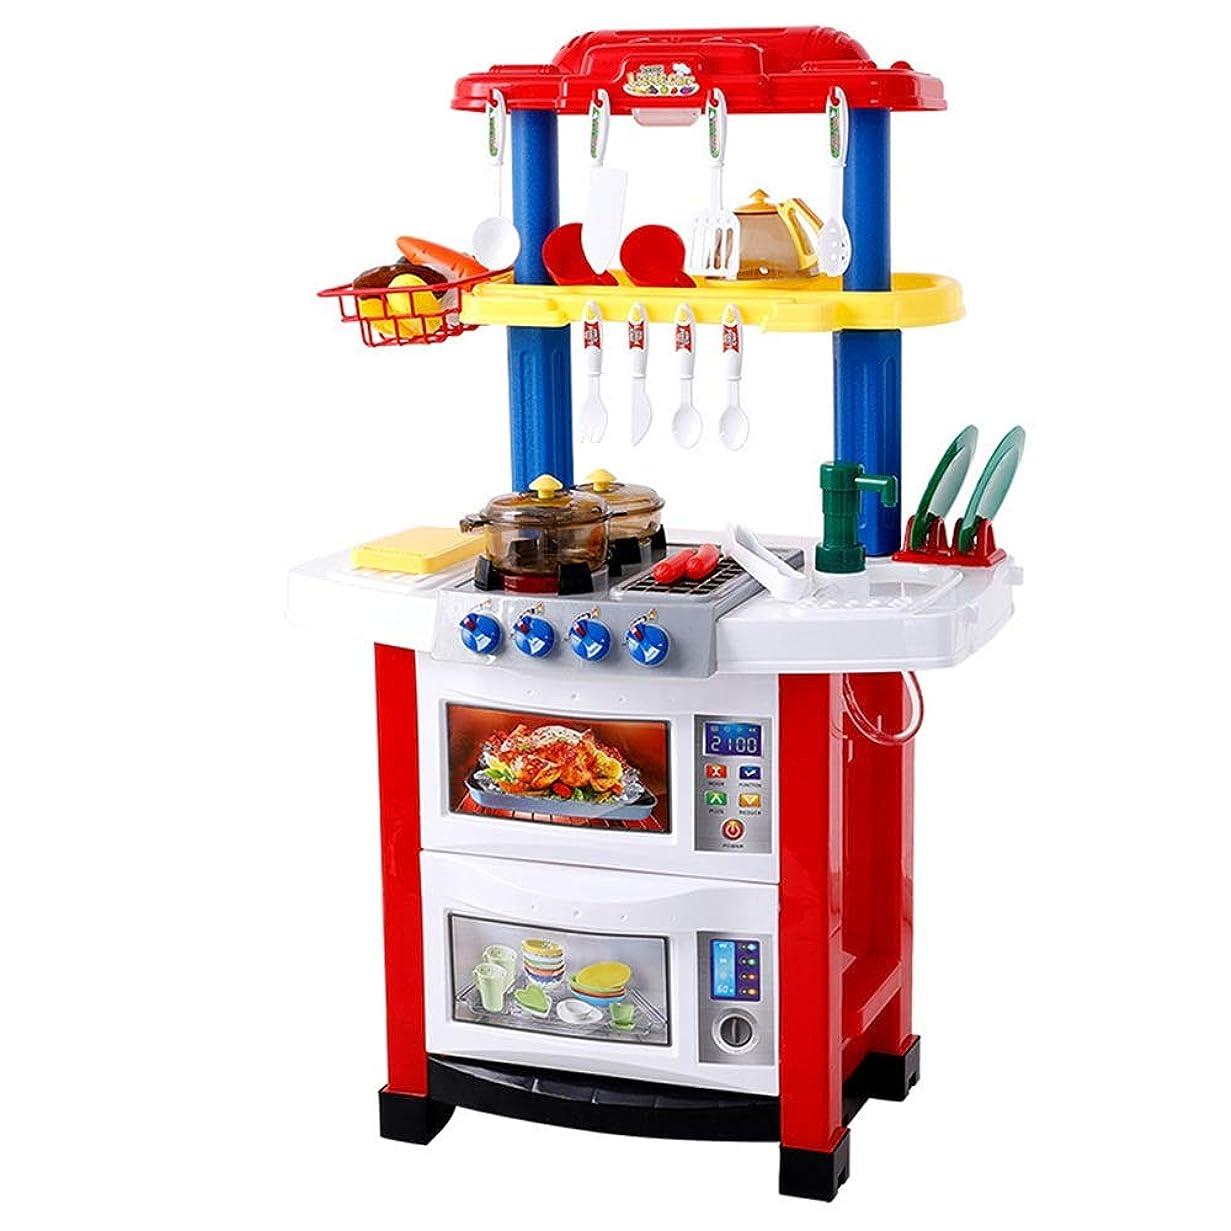 ウッズ混乱させる余裕があるままごと遊び キッチンセット台所 トラベルスーツケースキッチンセットのおもちゃポットフライパン食器食器や食品ABSプラスチックごっこ遊びのキットを含みます ままごと遊び キッチンセット (色 : 赤, サイズ : 51x36x80cm)